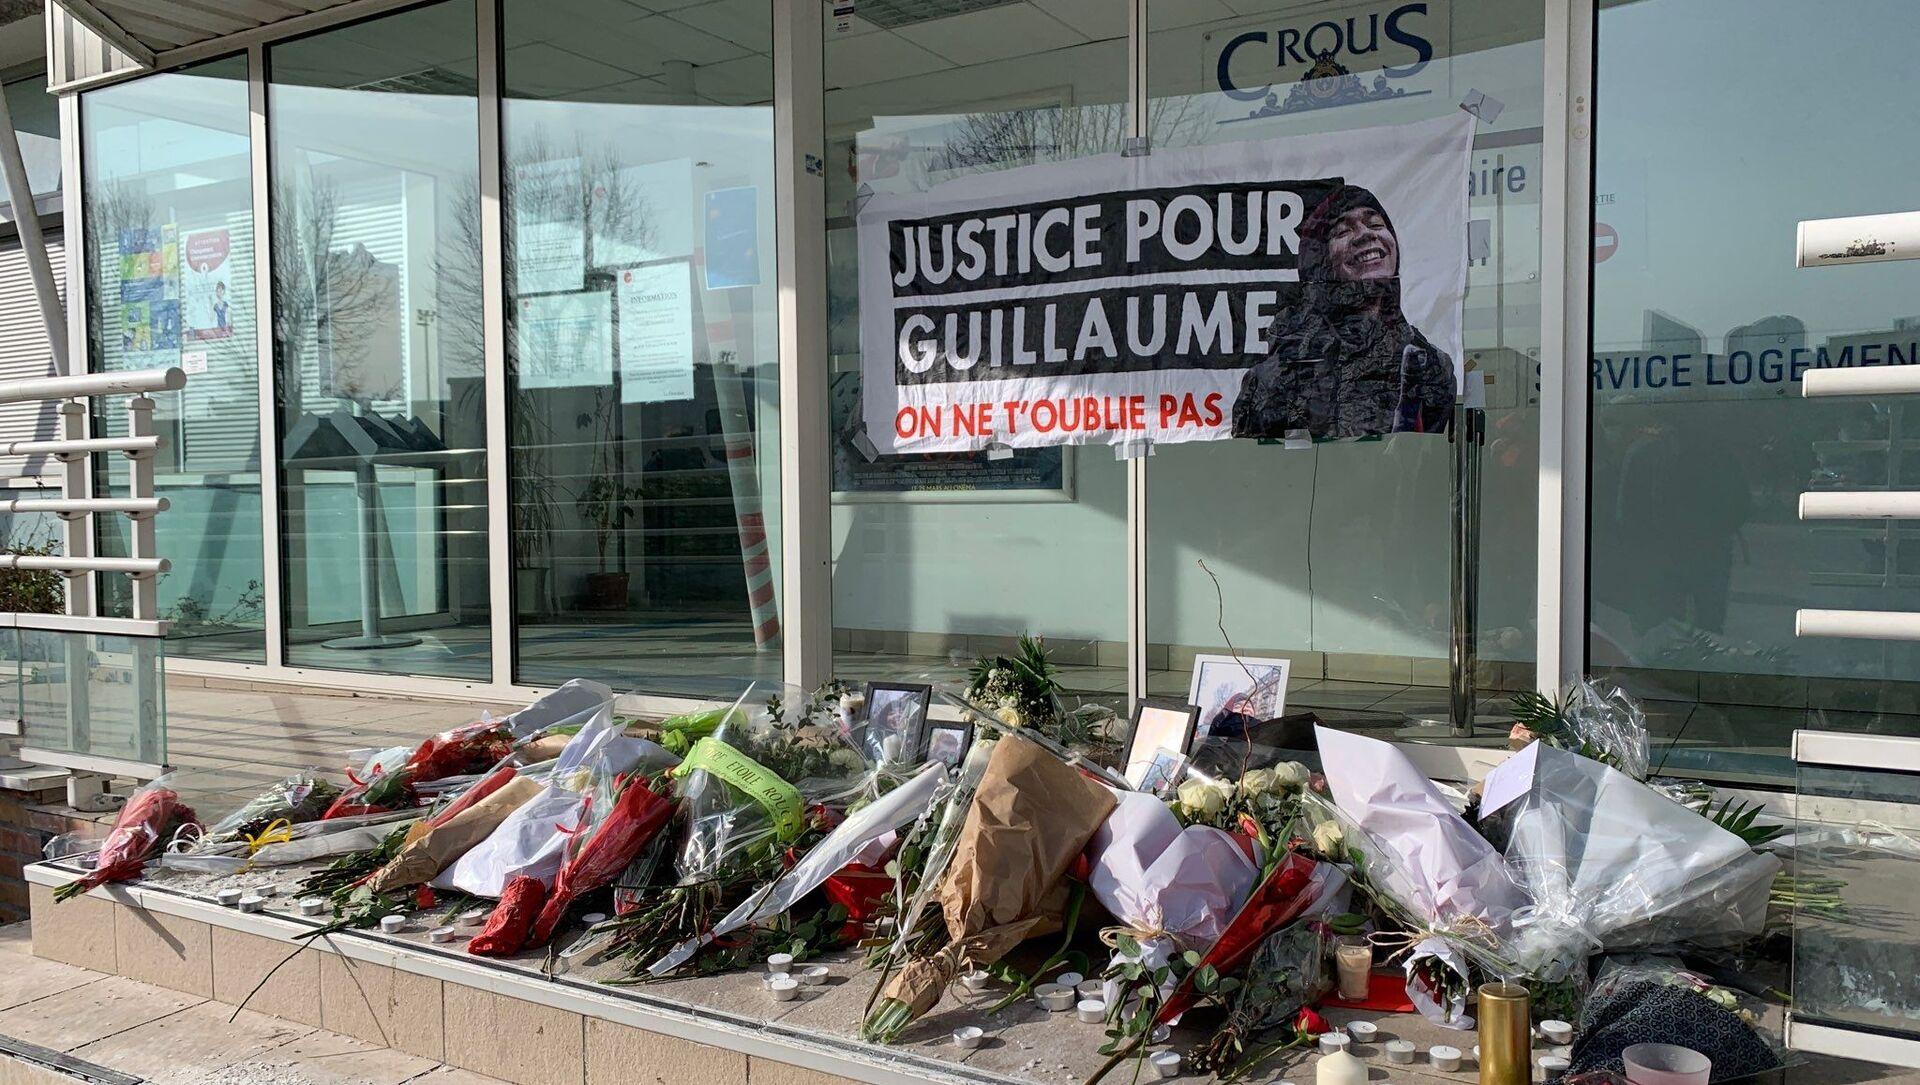 Rassemblement d'hommage à Guillaume T., Nanterre, le 11 février 2021 - Sputnik France, 1920, 11.02.2021